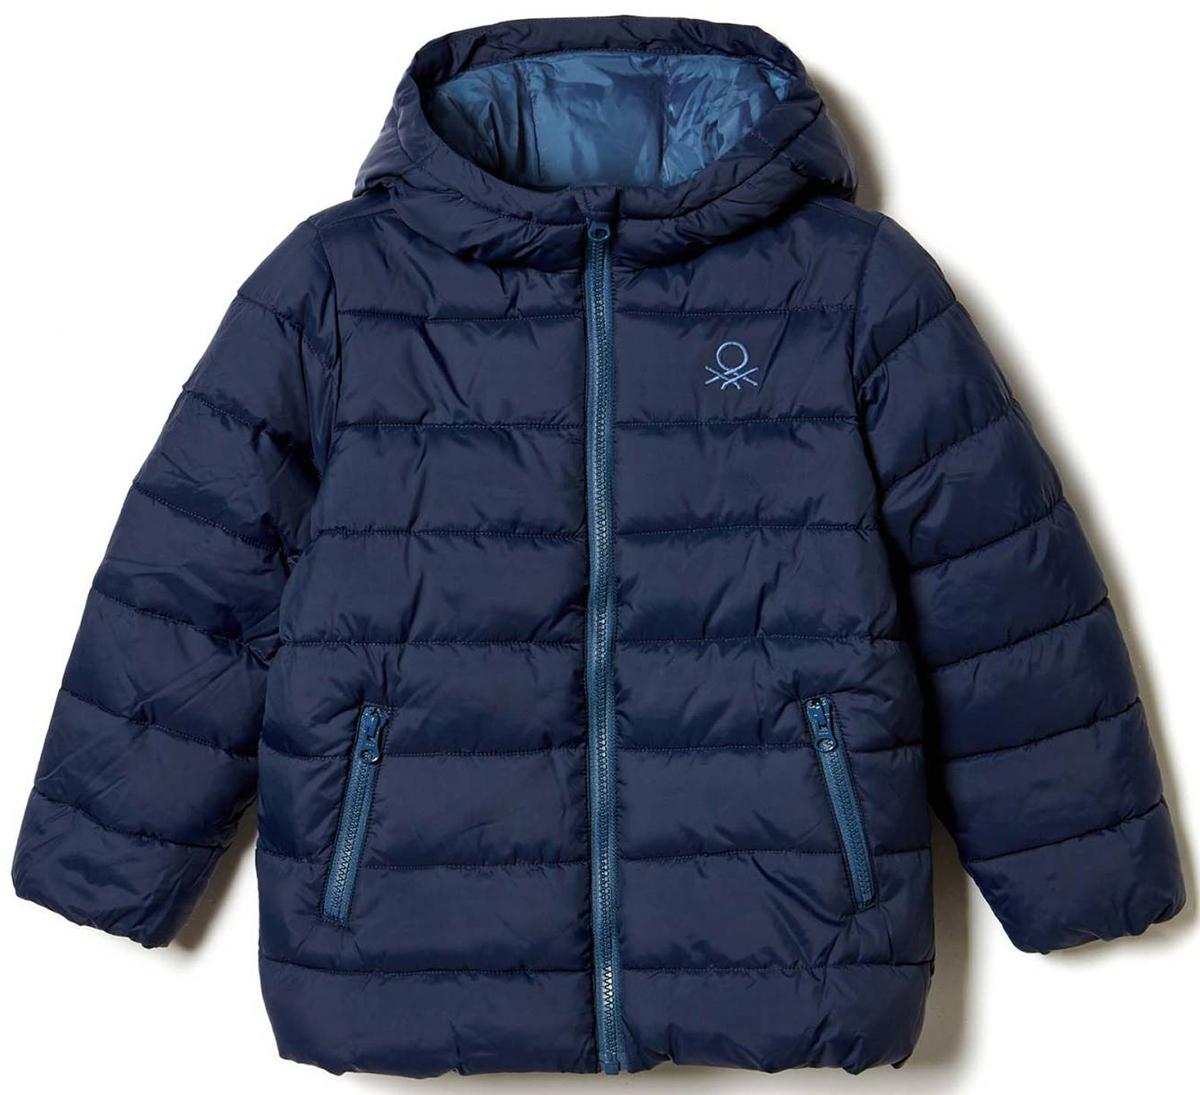 Куртка для мальчика United Colors of Benetton, цвет: синий. 2WU0539Q0_13C. Размер 1202WU0539Q0_13CКуртка для мальчика United Colors of Benetton выполнена из полиэстера. Модель с капюшоном и длинными рукавами застегивается на застежку-молнию.